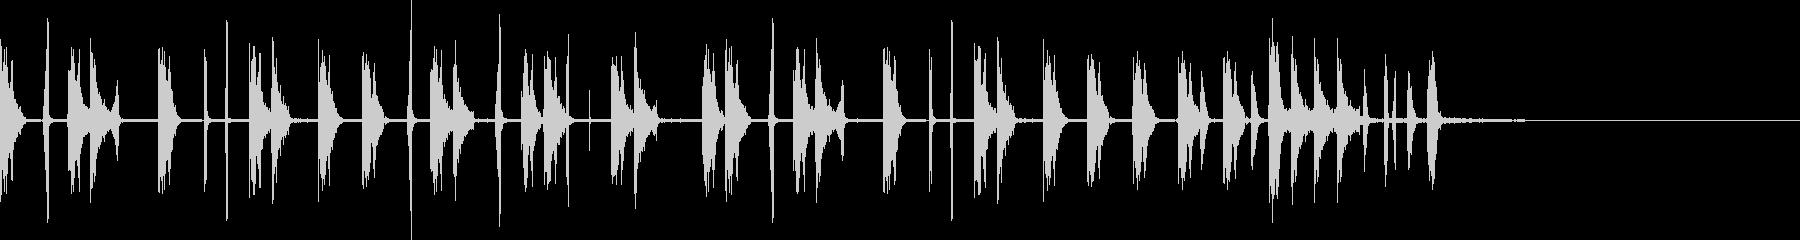 スクラッチが目立つシンキングタイムな音の未再生の波形